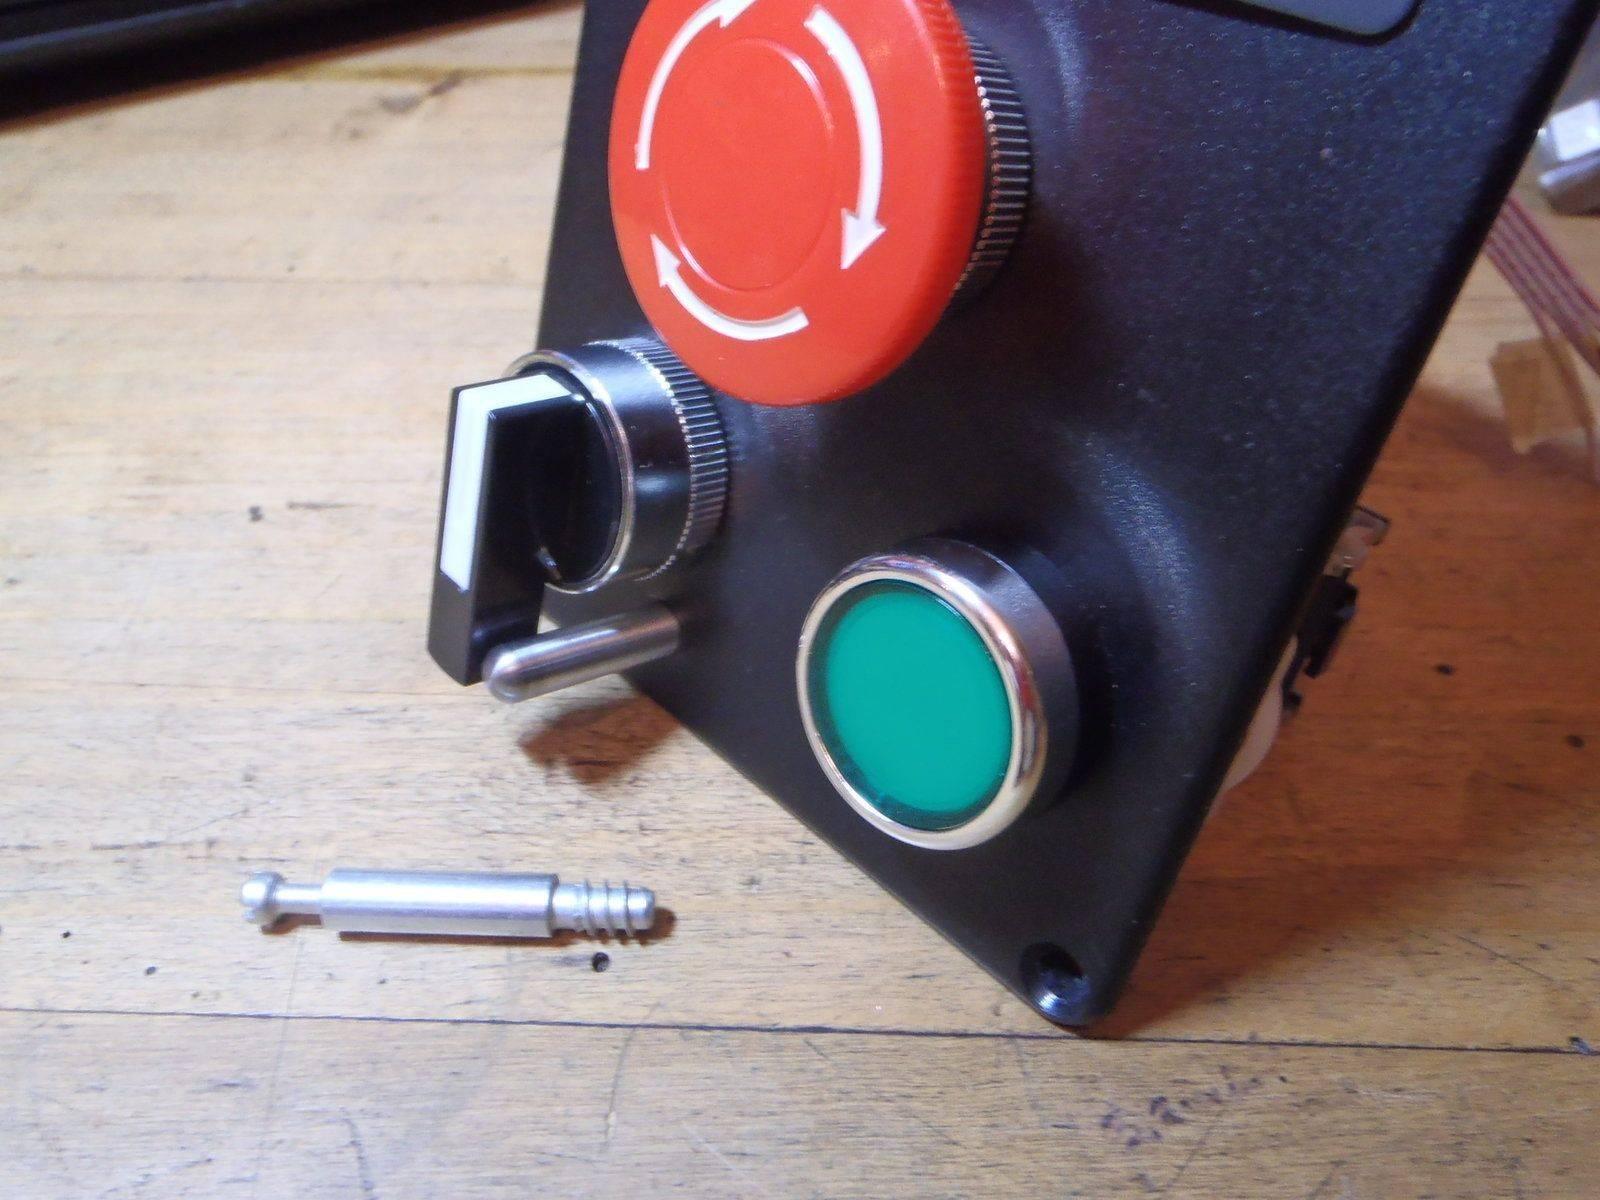 Elec001,1.JPG